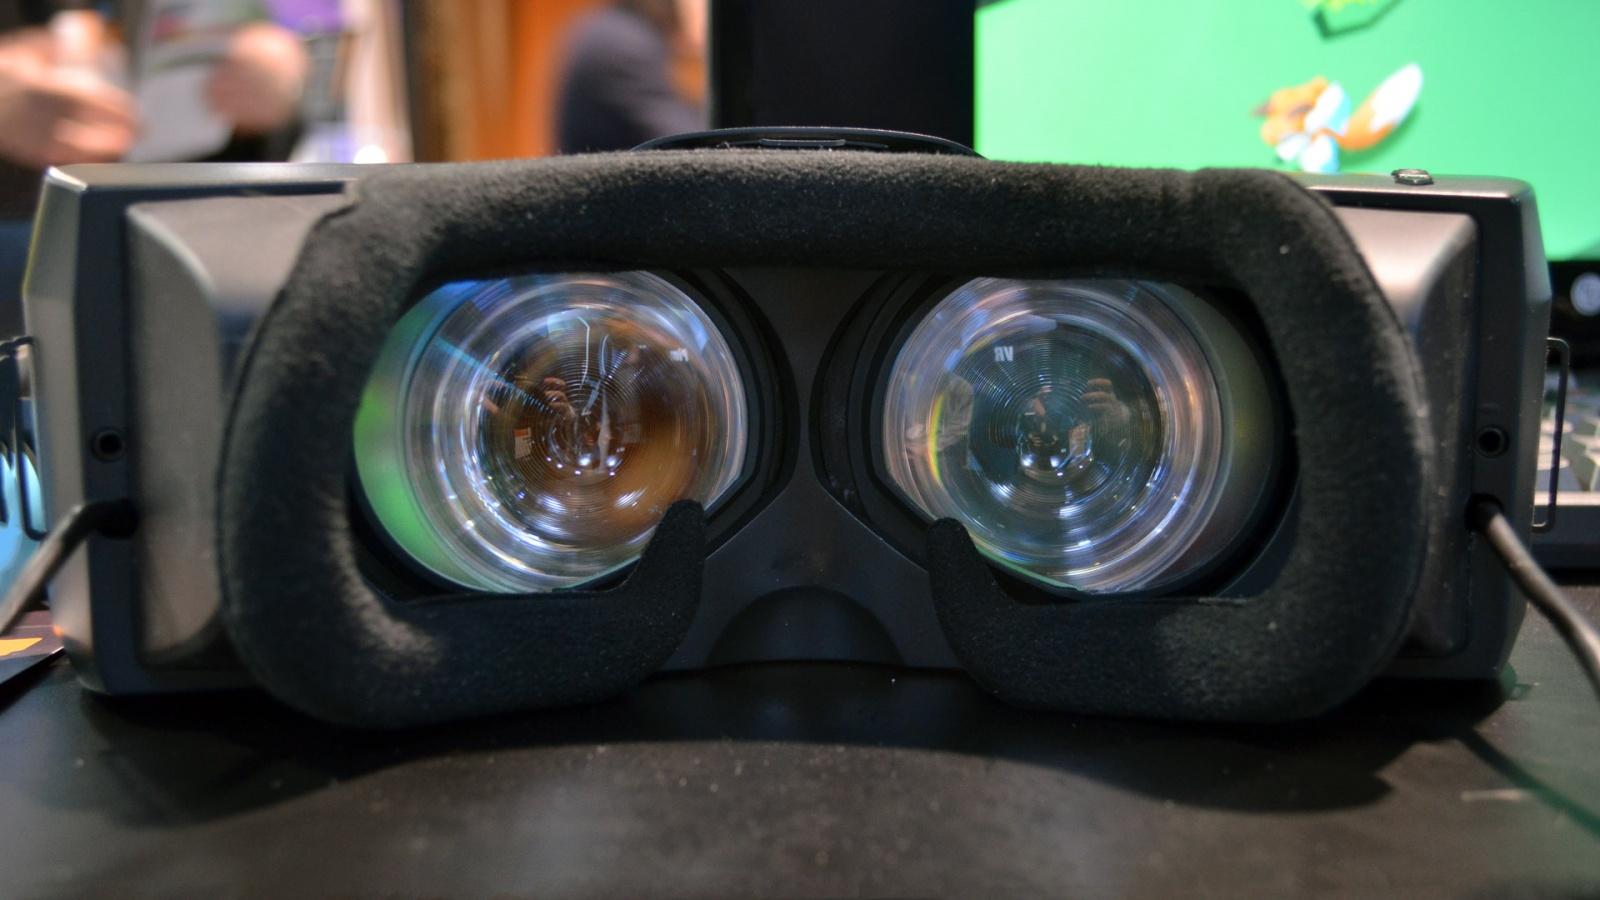 Ретроспектива очков и шлемов виртуальной реальности - 37